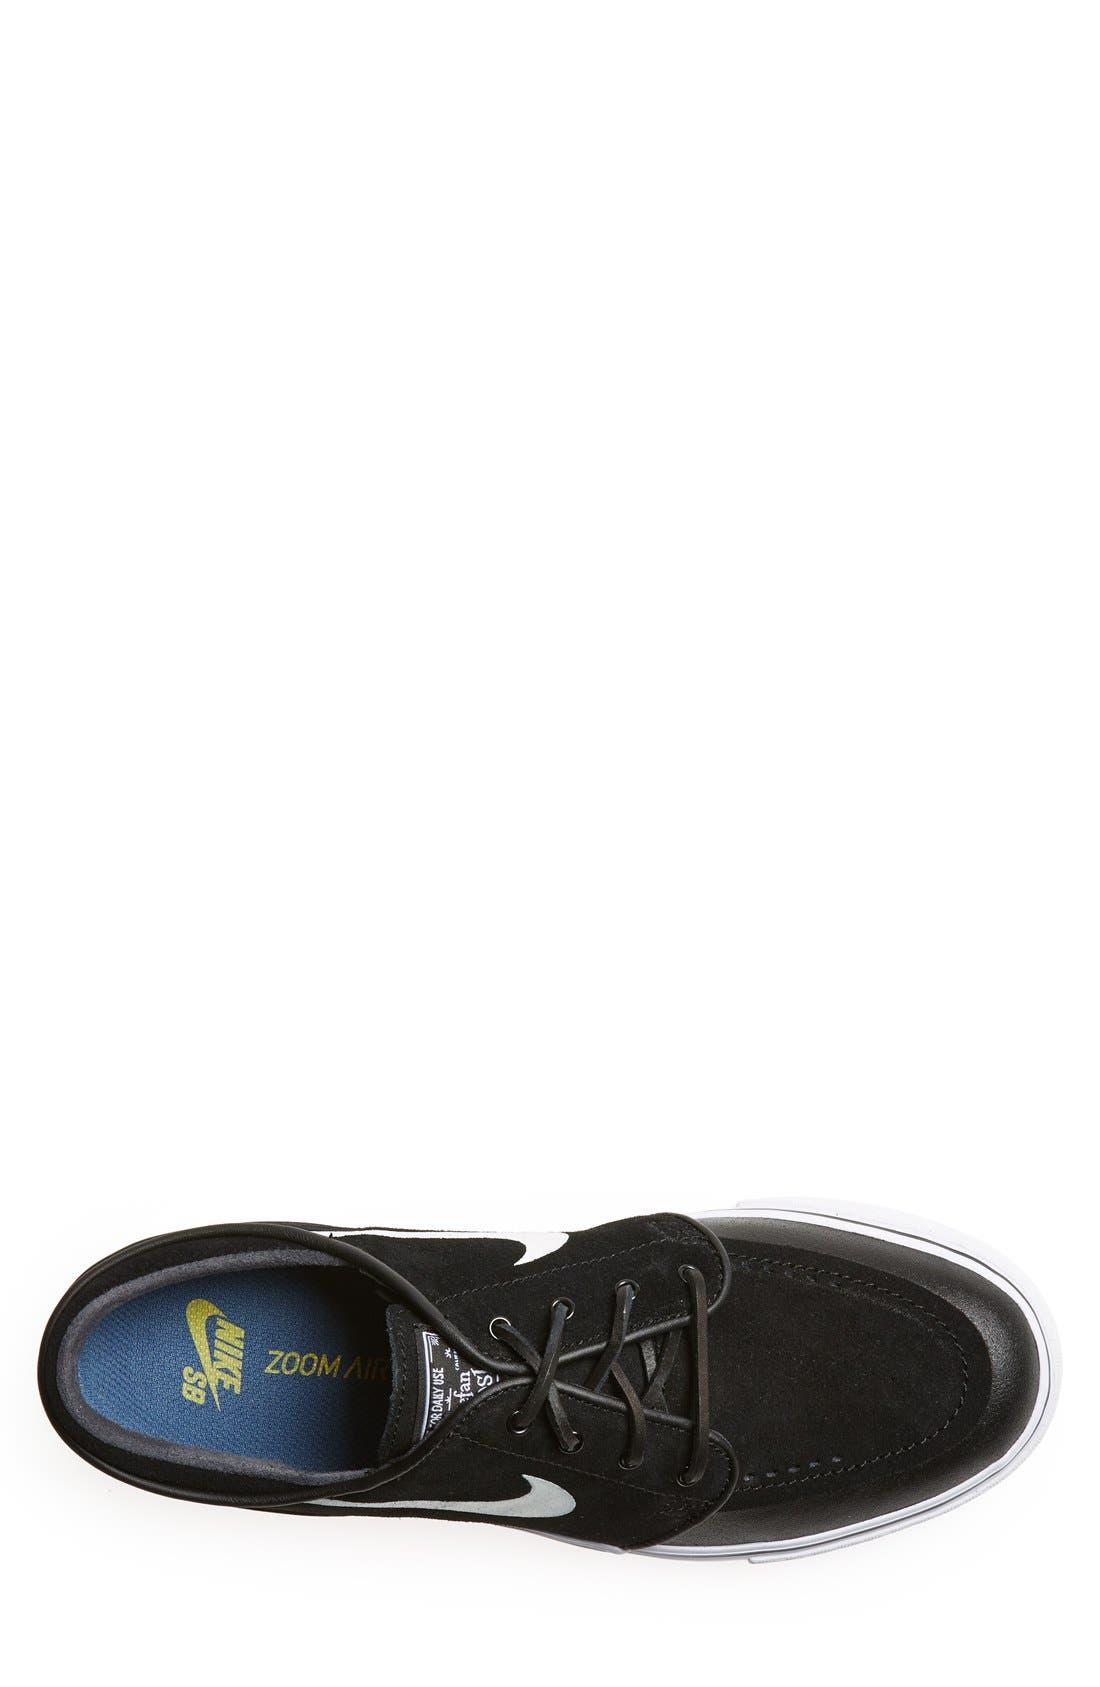 Alternate Image 3  - Nike 'Zoom - Stefan Janoski Premium SE SB' Skate Shoe (Men)